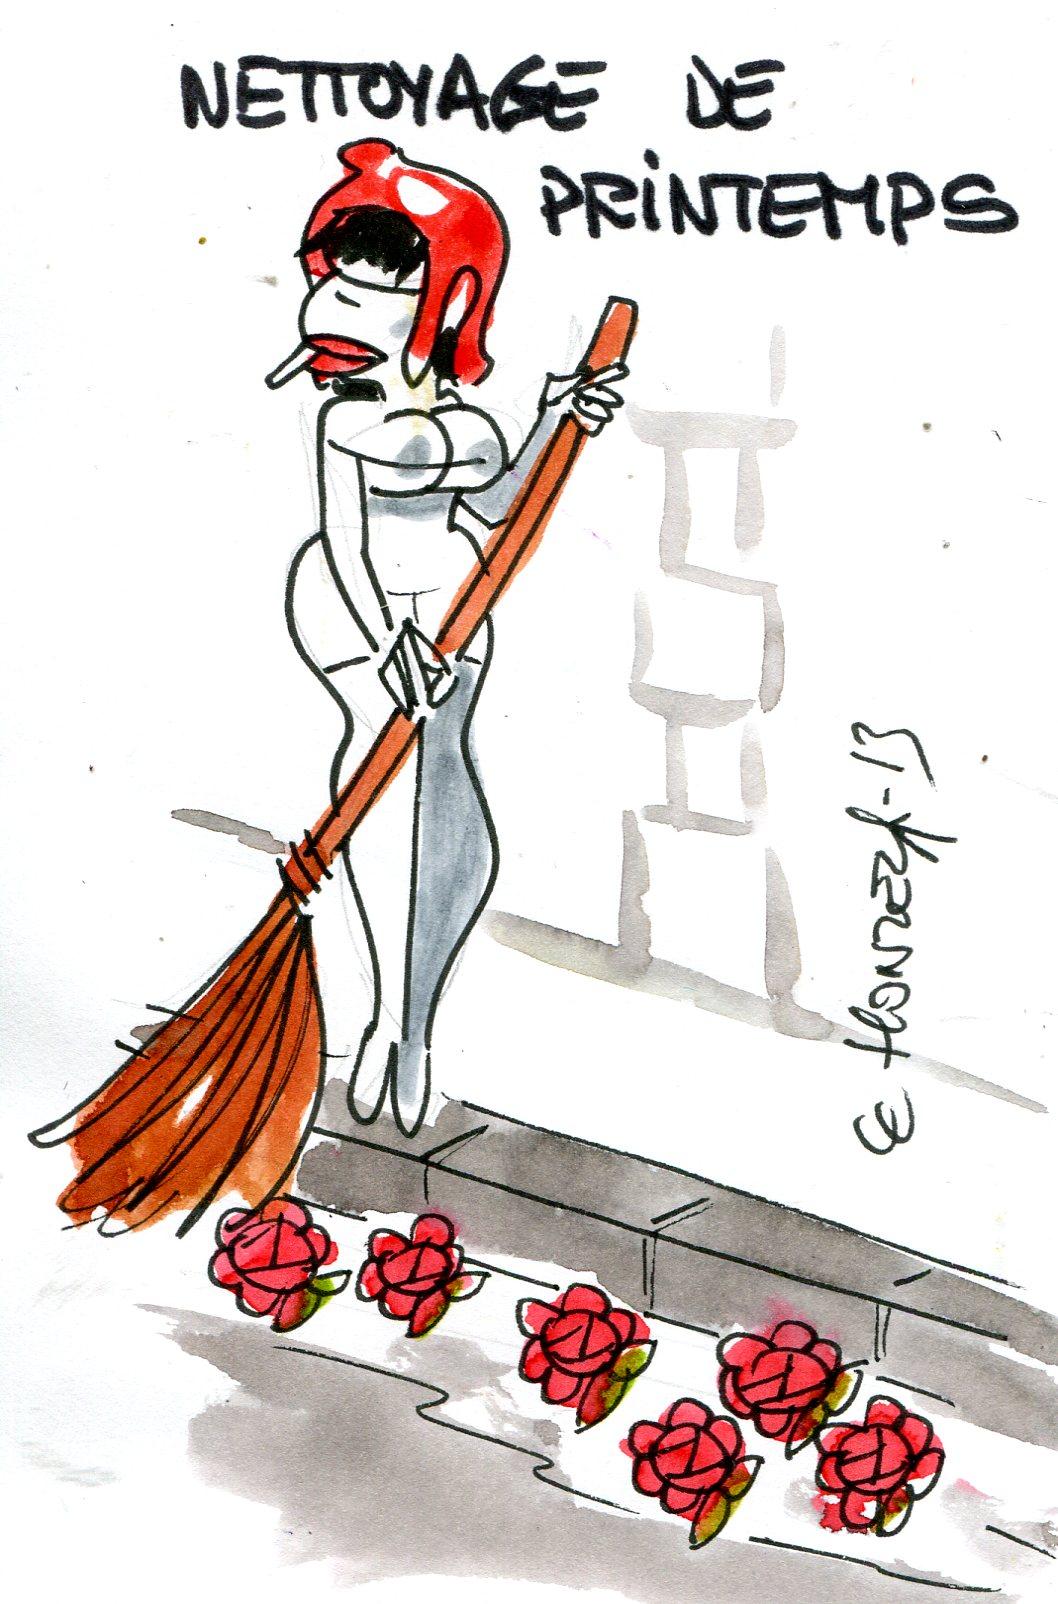 Grand nettoyage de printemps pour la classe politique